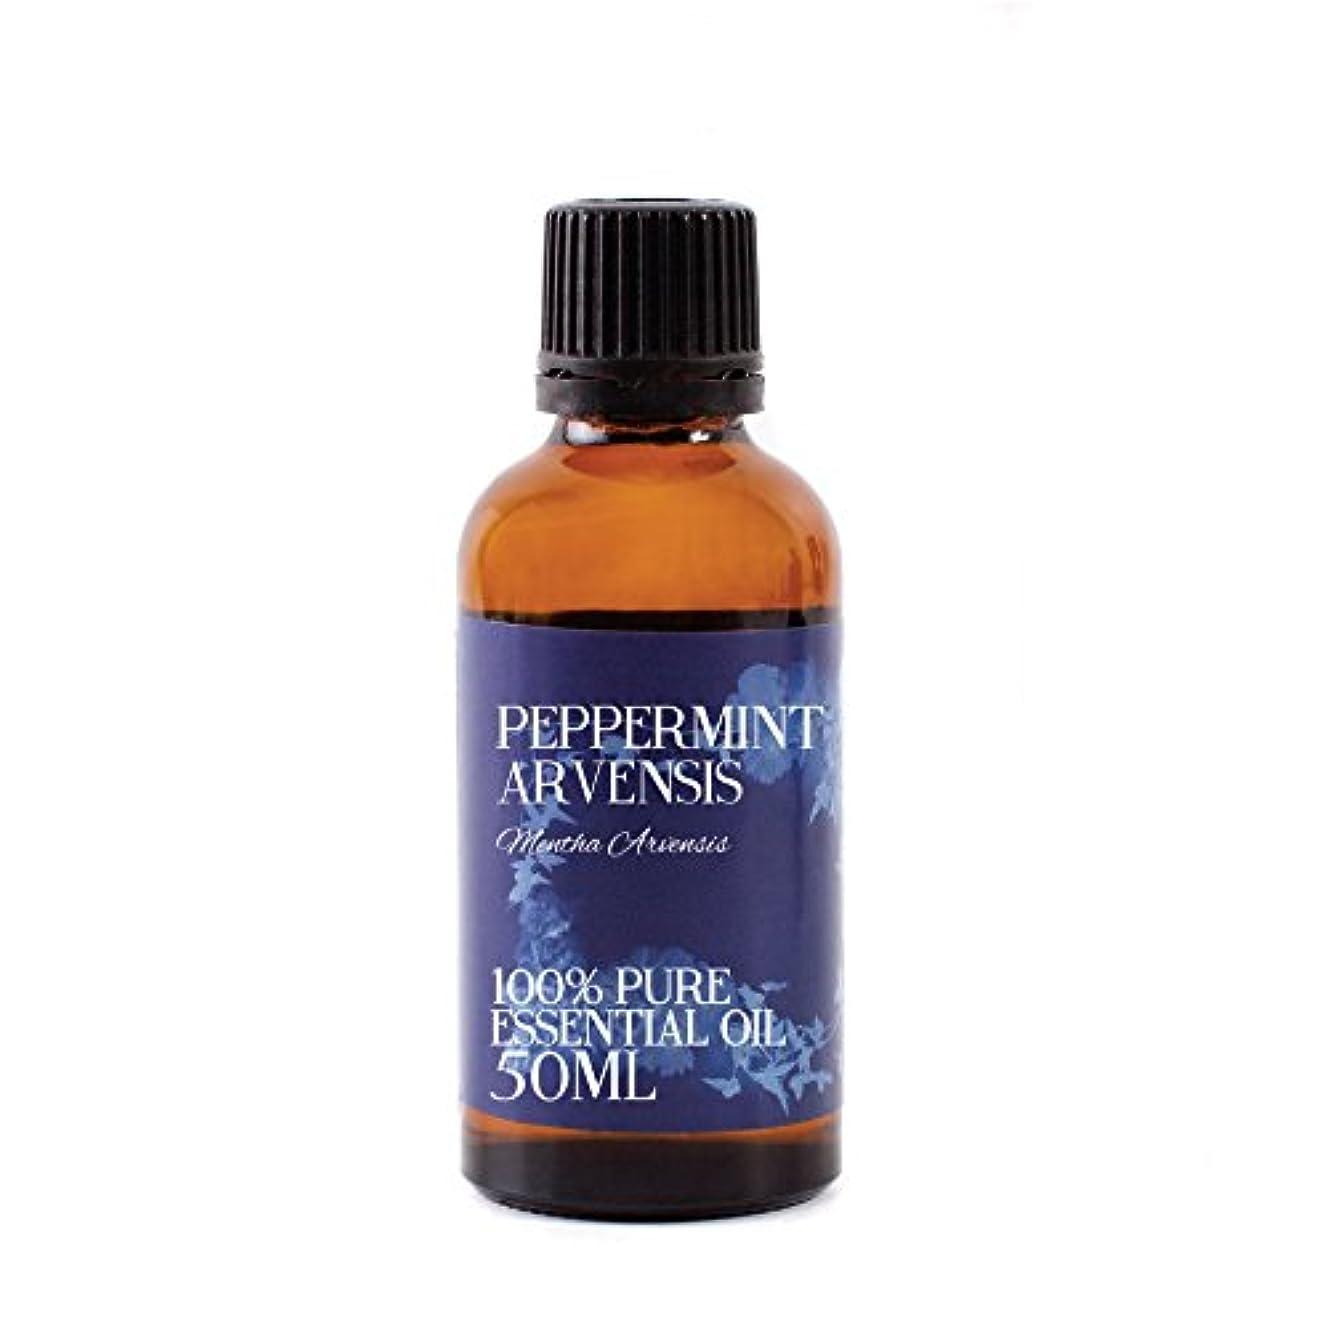 窒素暴動羊飼いMystic Moments | Peppermint Arvensis Essential Oil - 50ml - 100% Pure